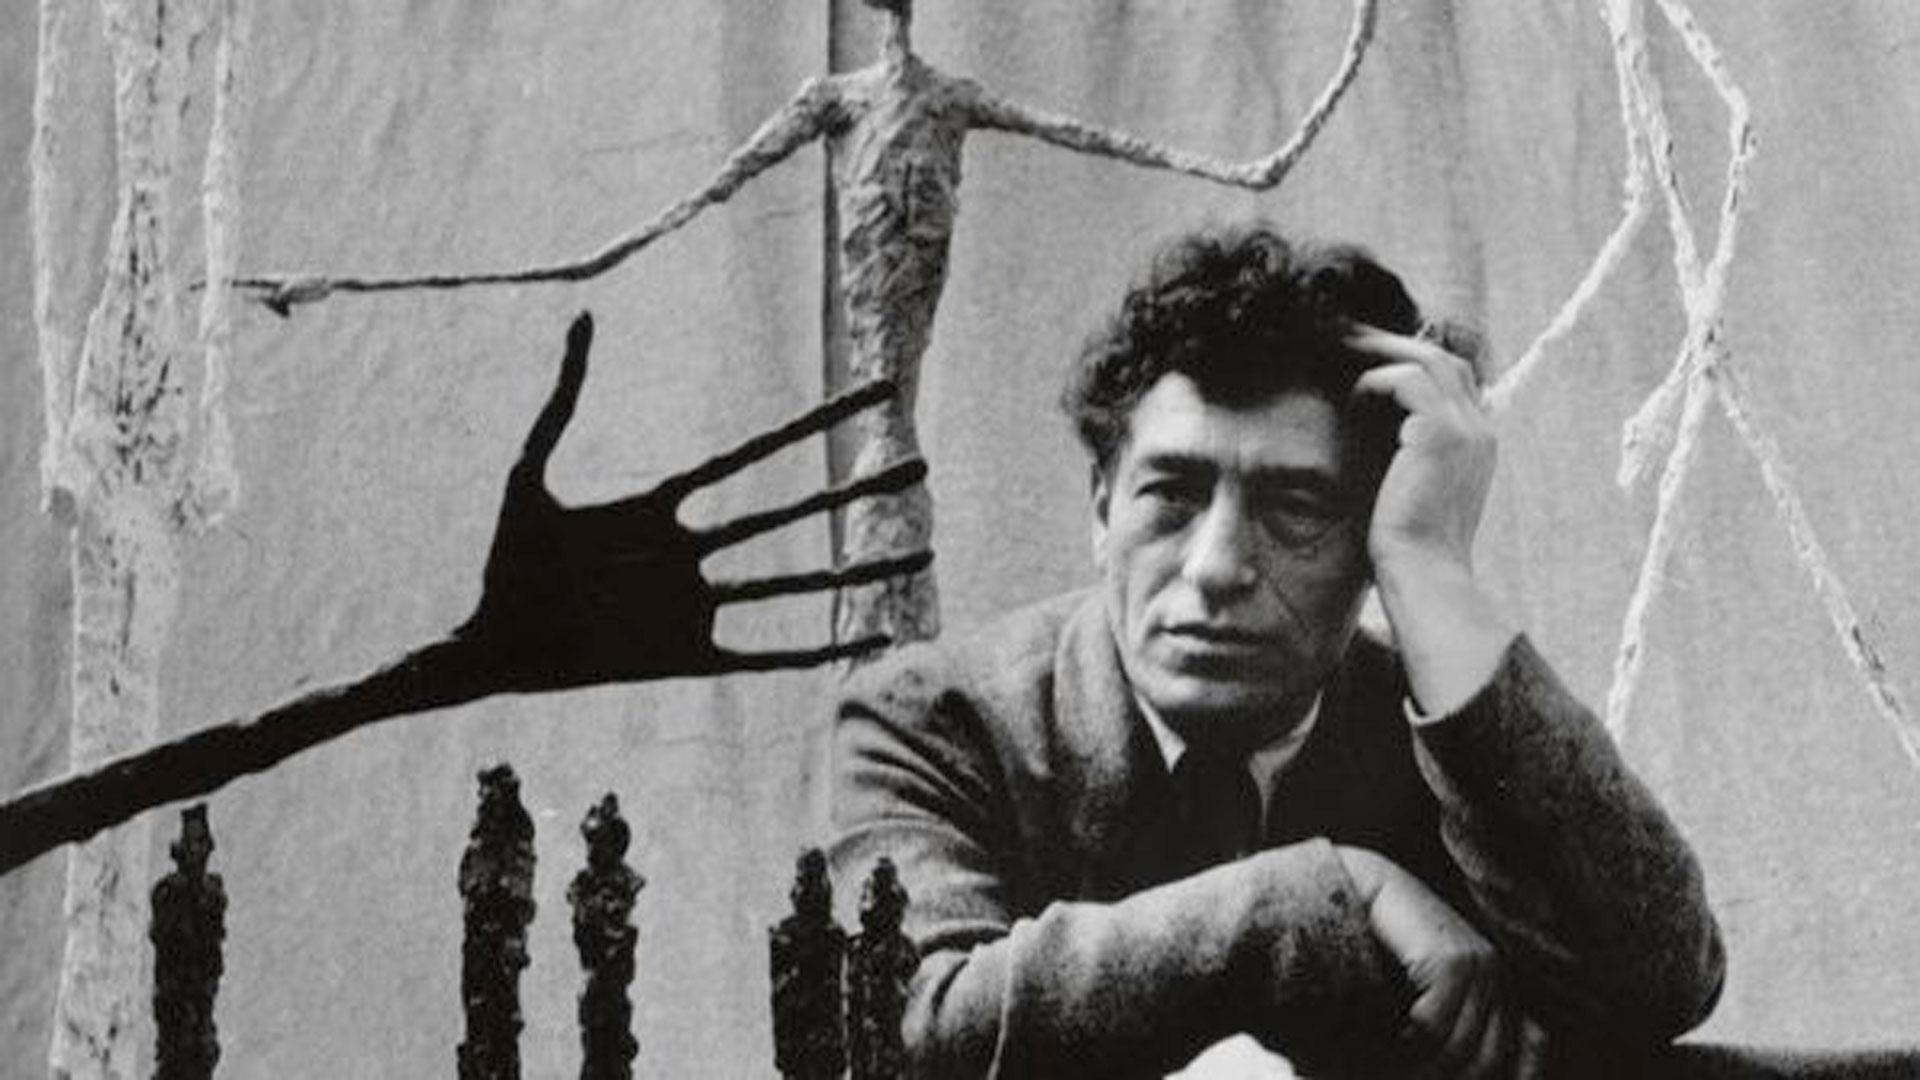 Giacometti aterriza en el Prado hero asset